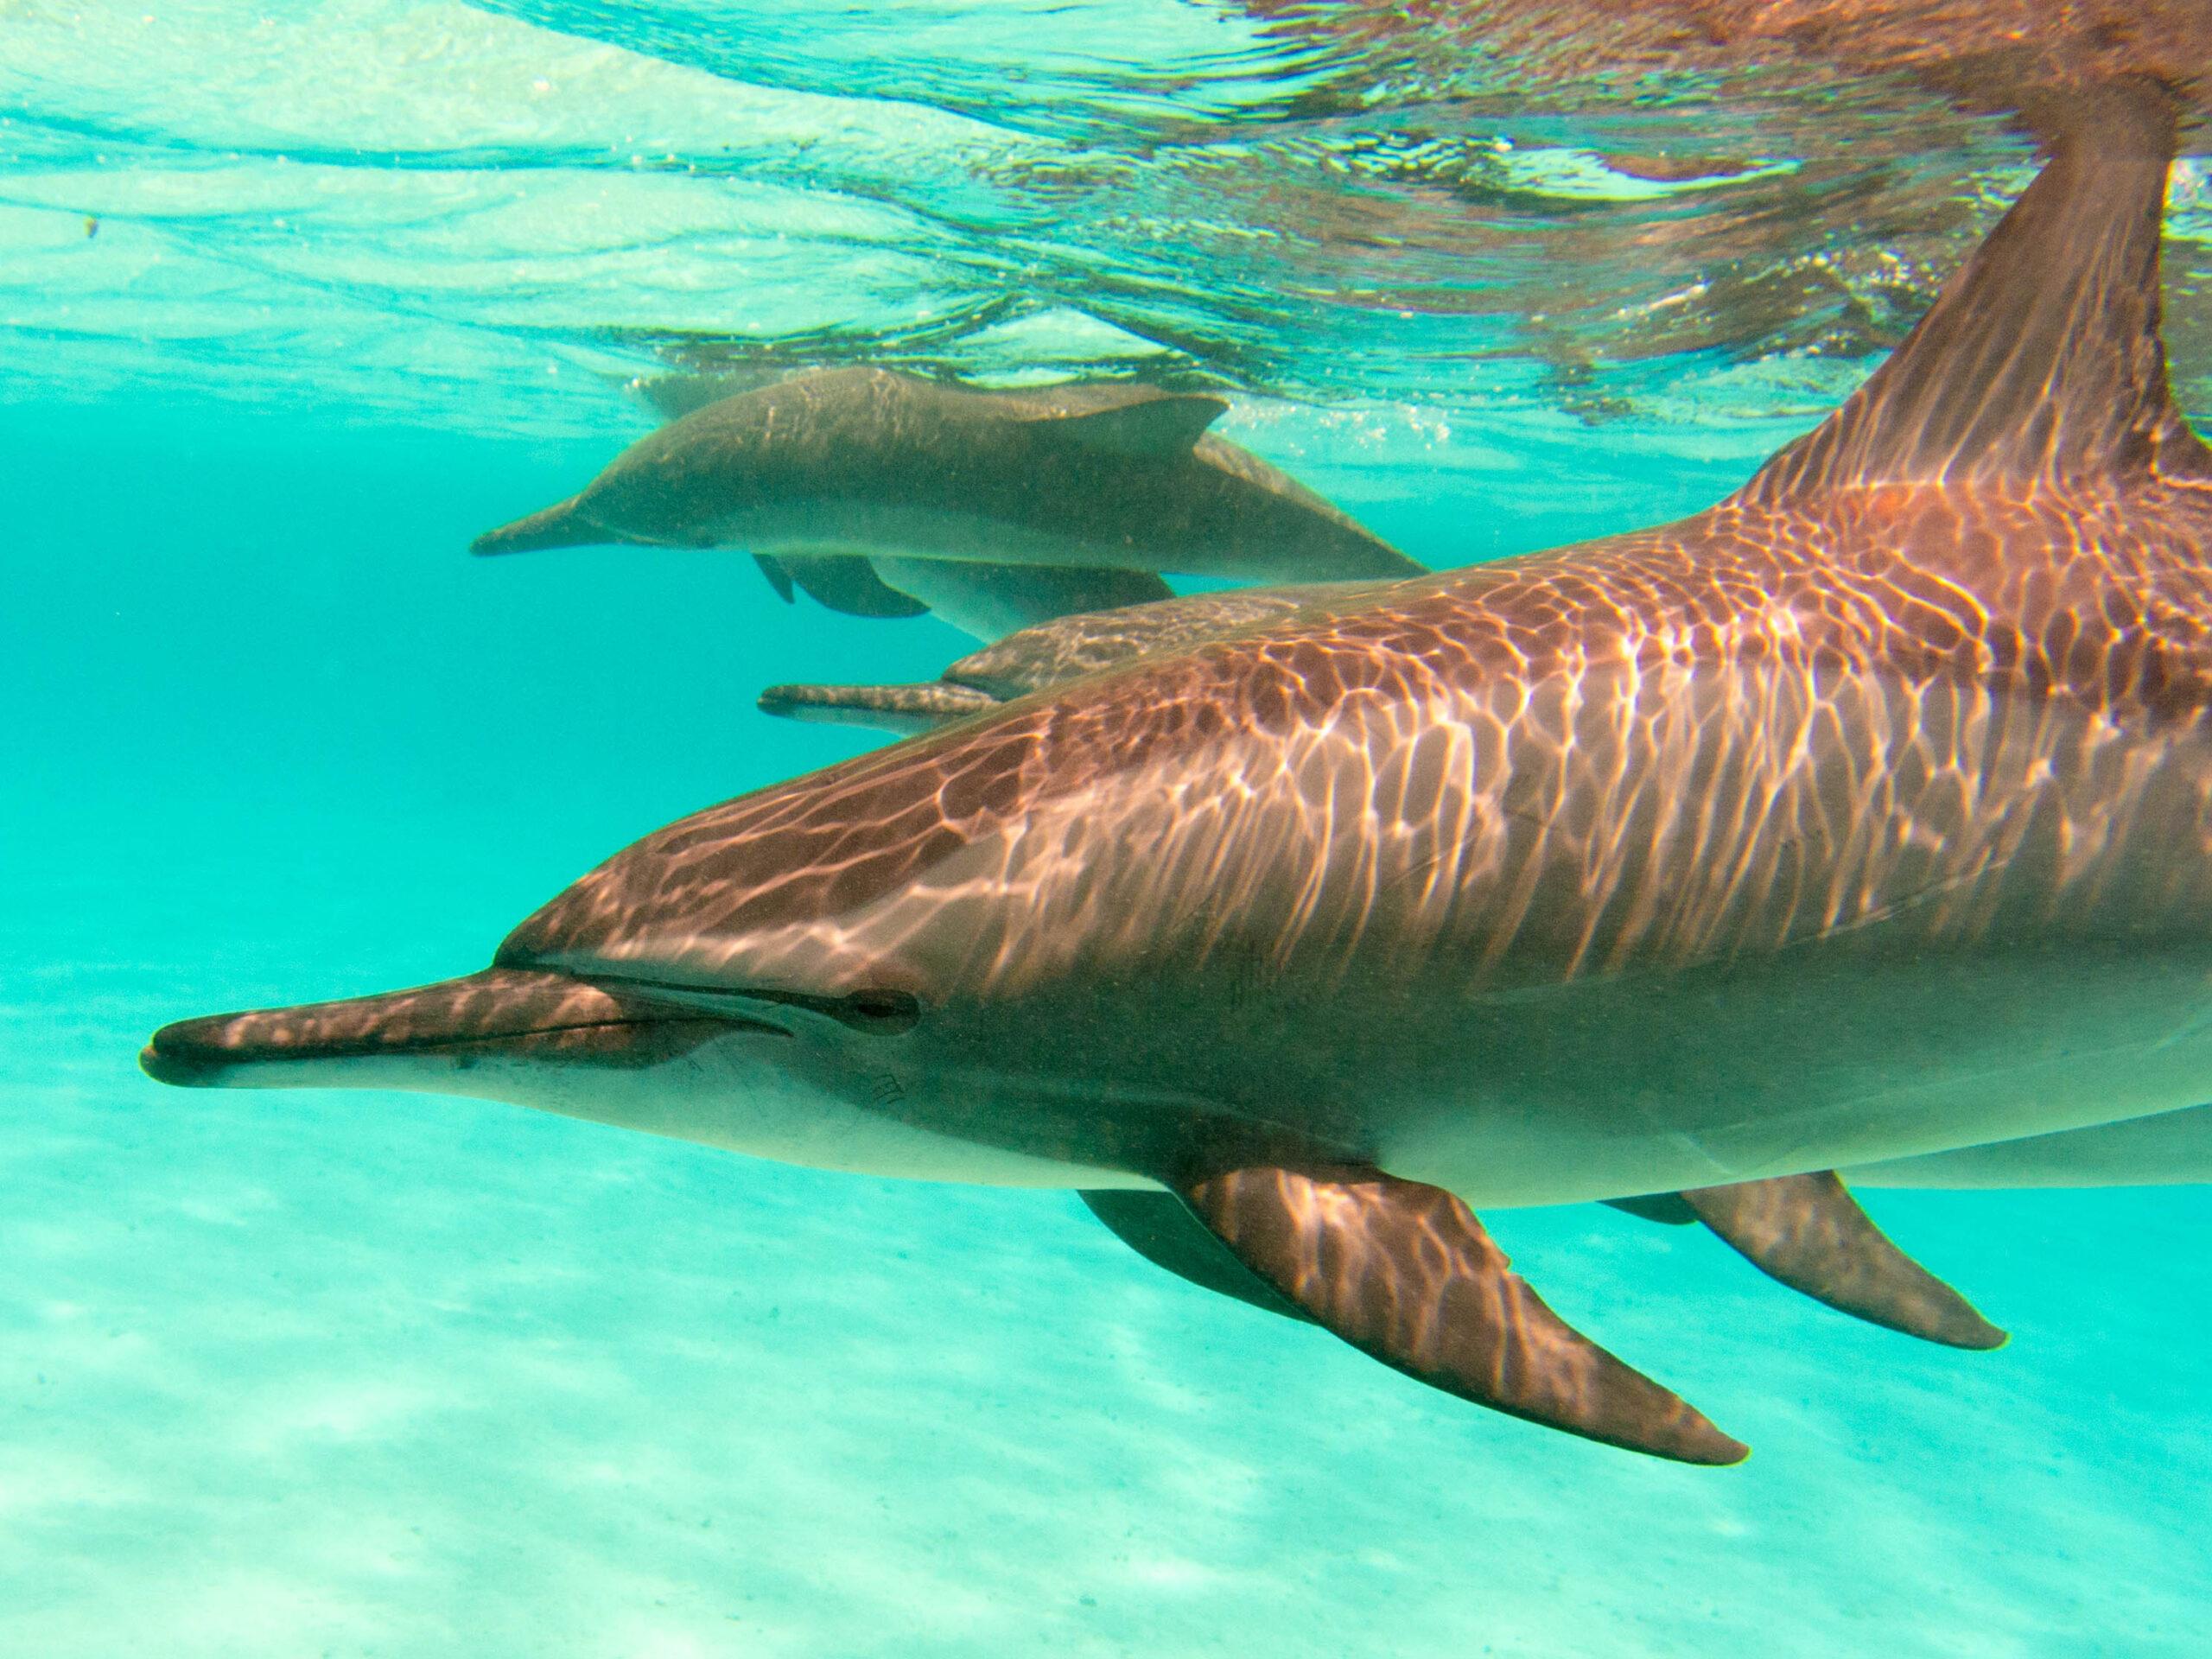 Delphine im kristallklaren Wasser